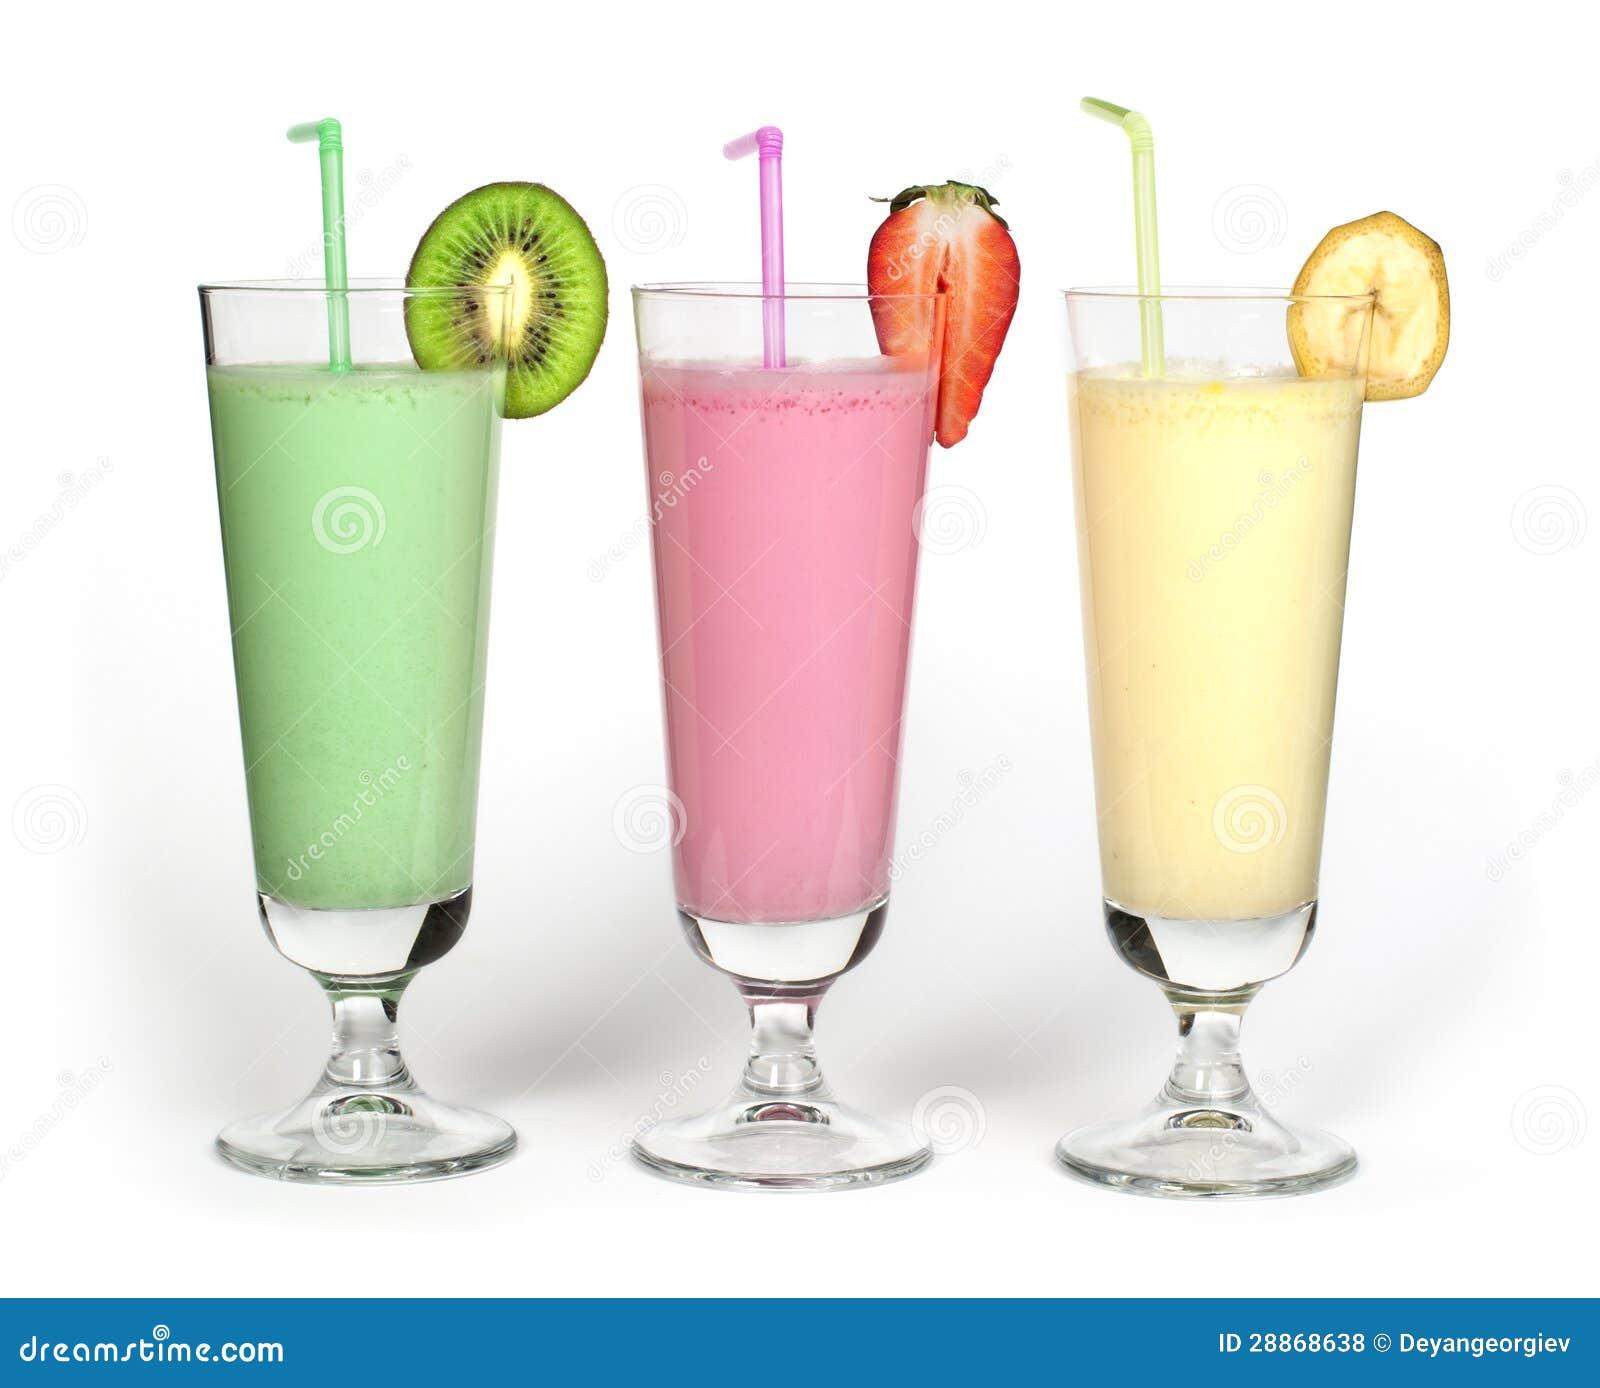 Royalty Free Stock Photos: Banana, kiwi and strawberry milk shake and ...